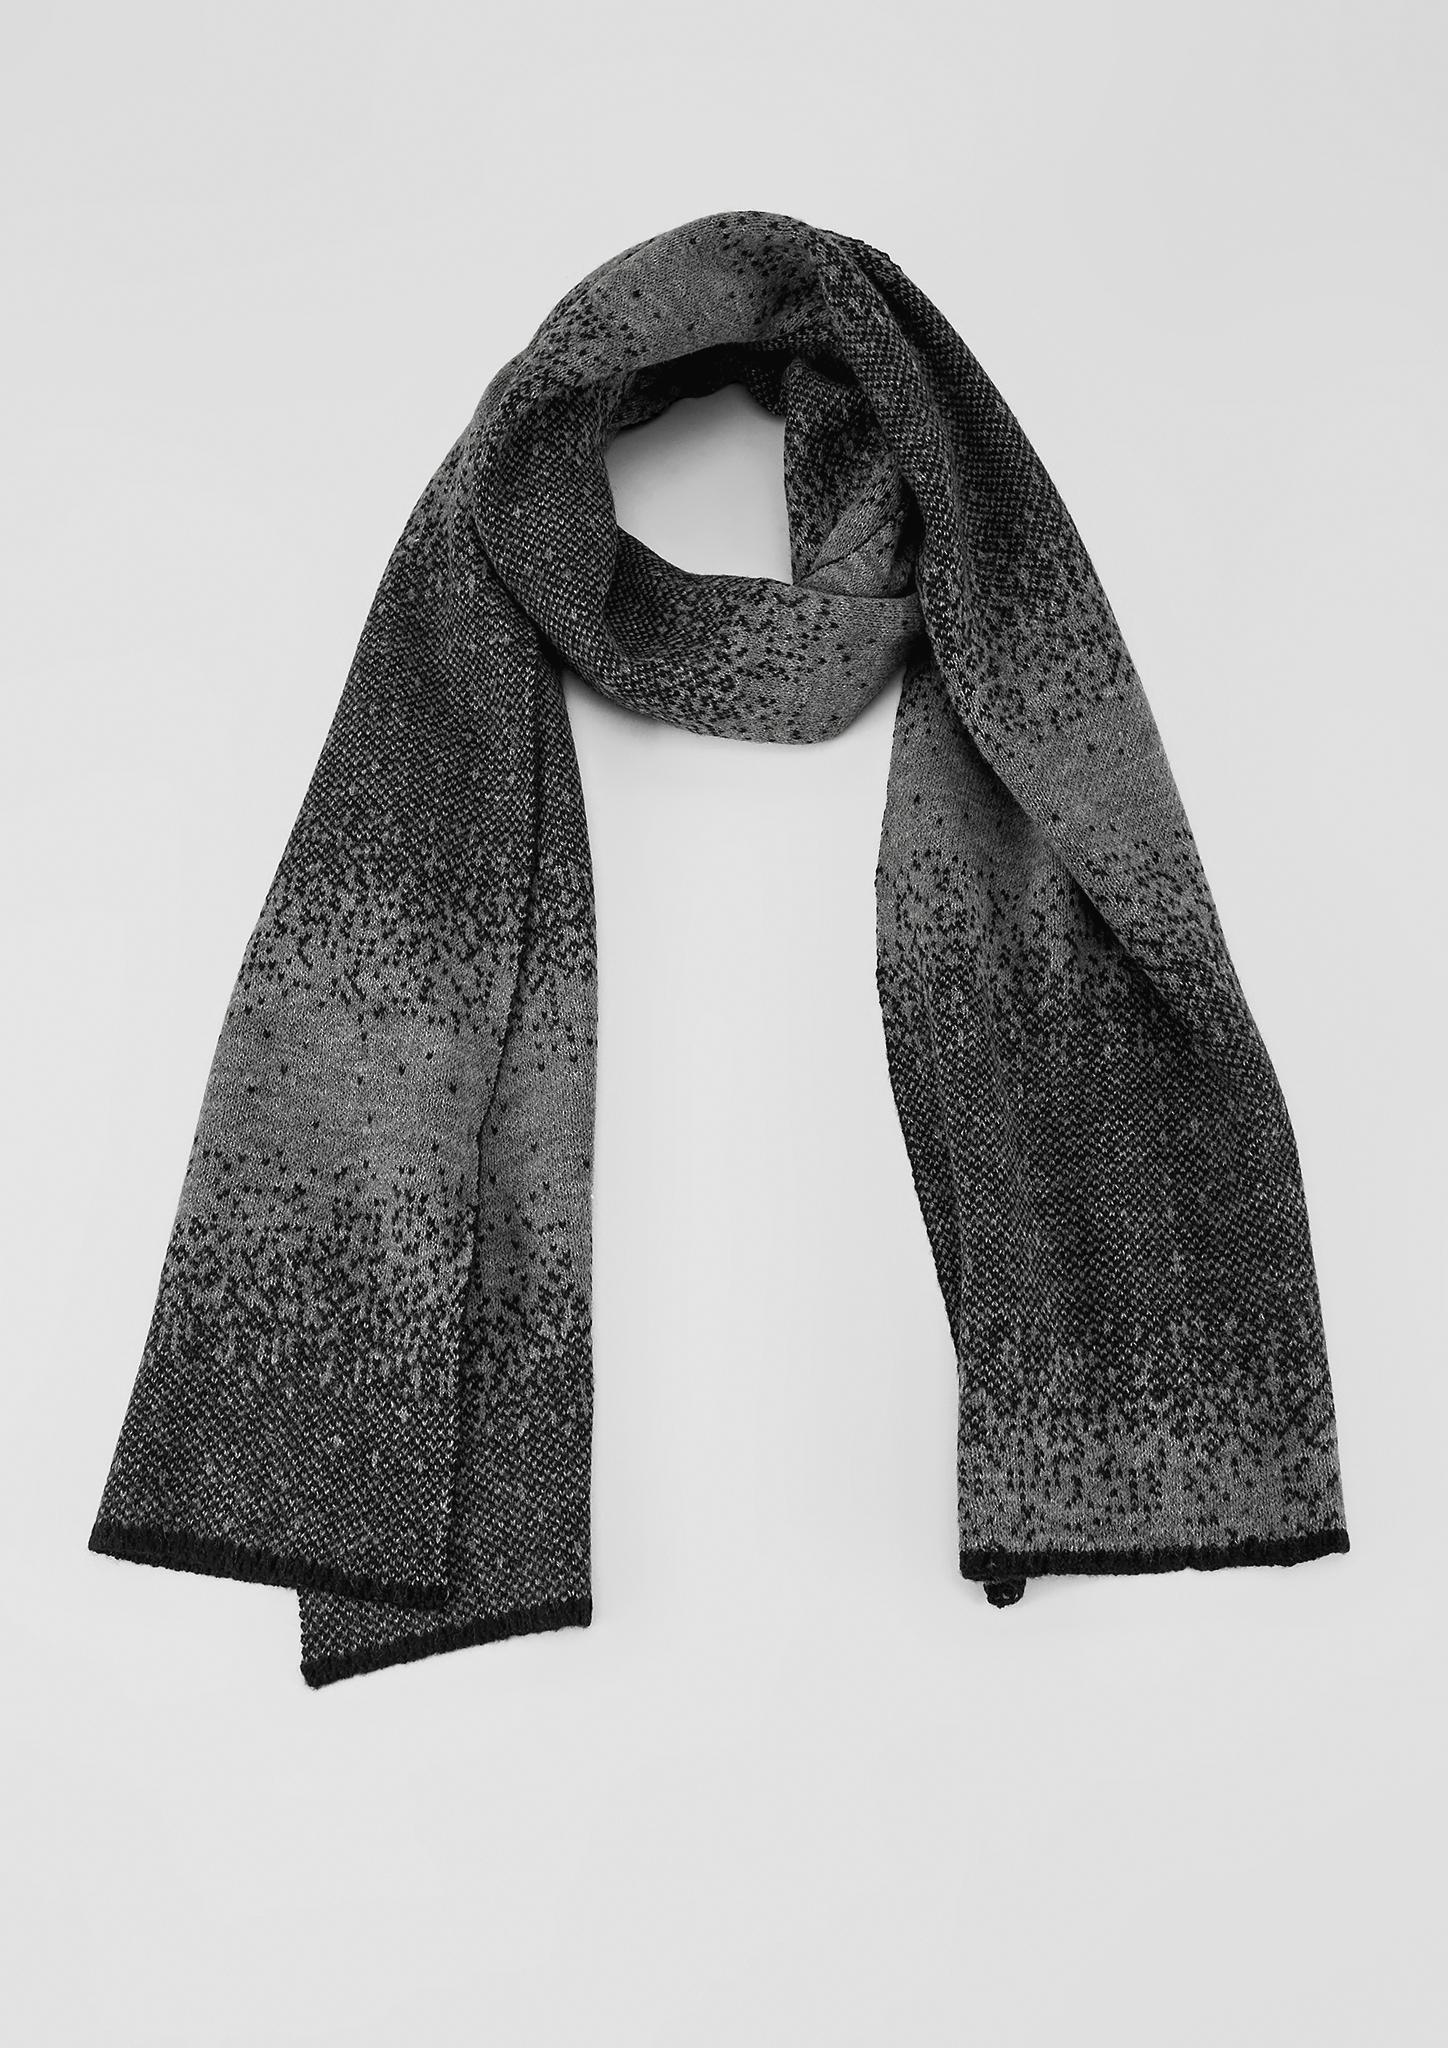 Schal | Accessoires > Schals & Tücher | Grau/schwarz | 100% polyacryl | s.Oliver